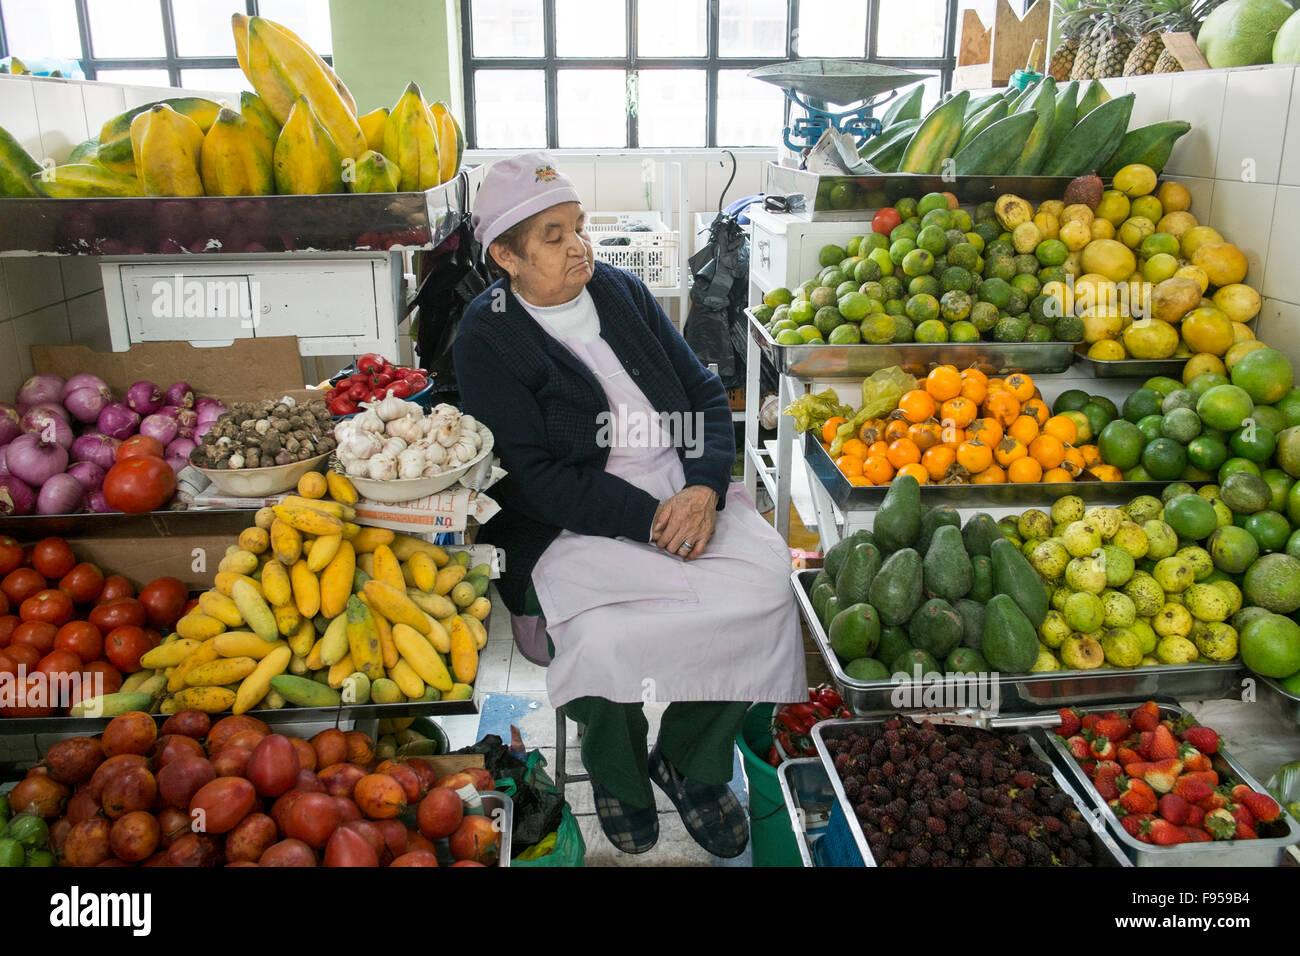 Quito, Ecuador. El Mercado Central de Quito. Una mujer duerme en su puesto de frutas. Imagen De Stock